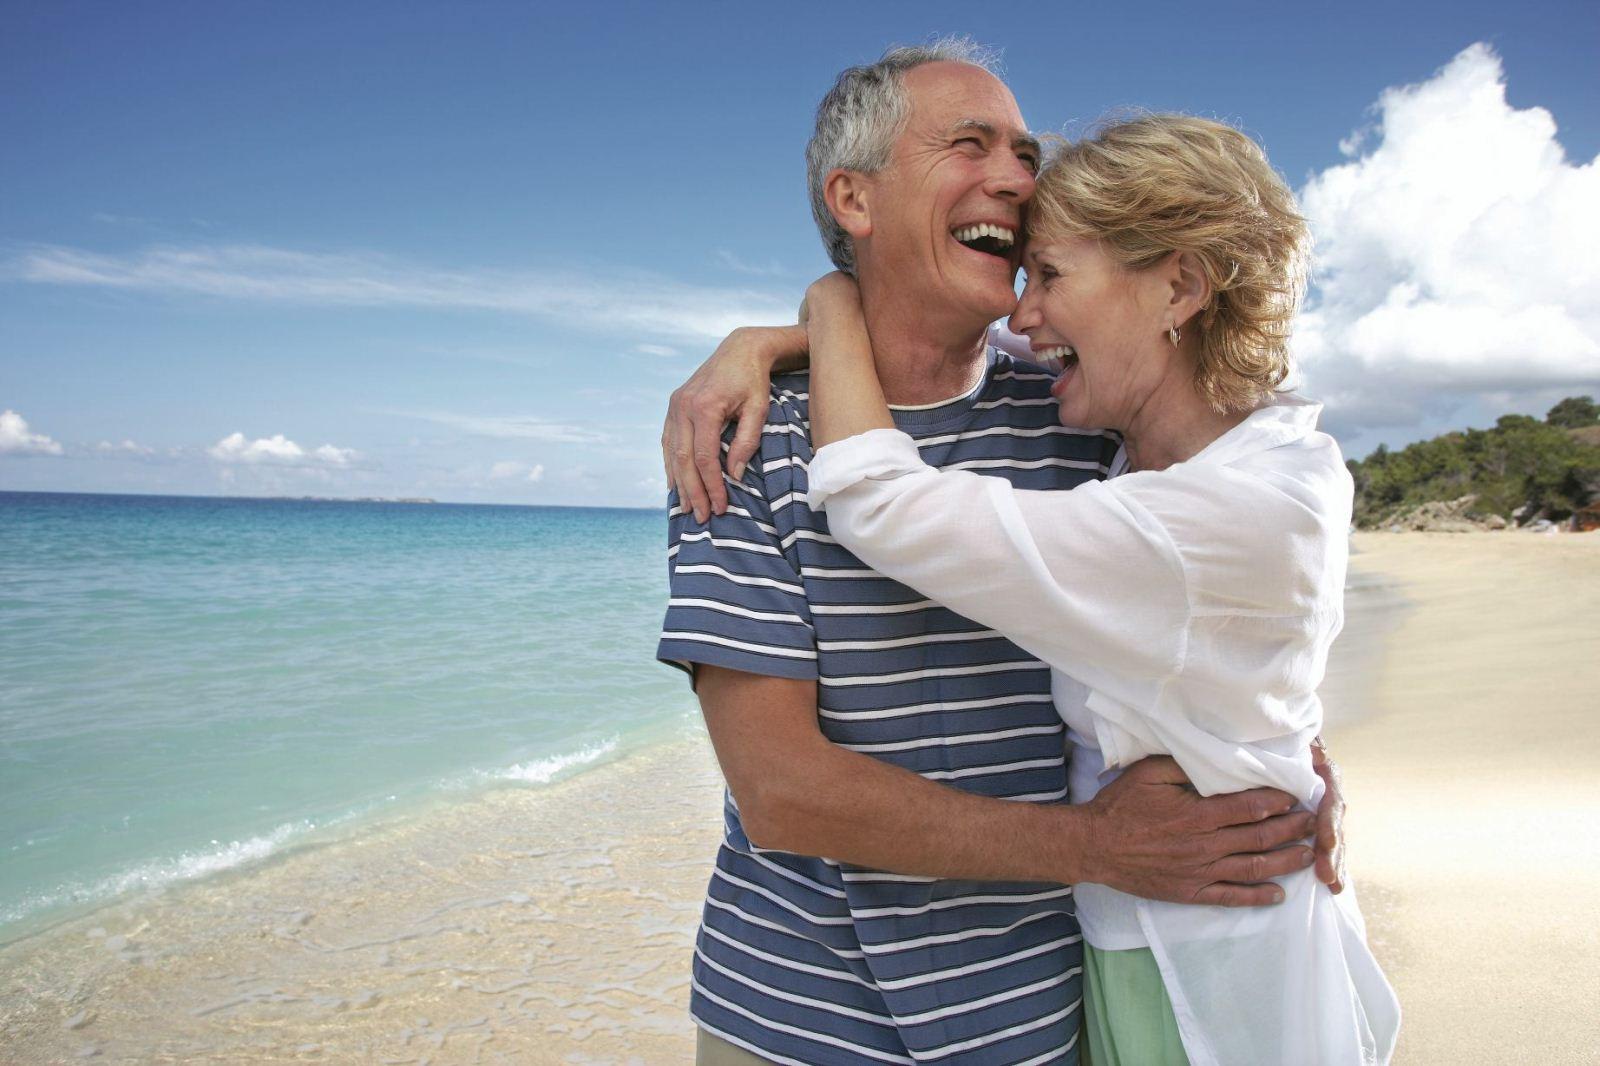 costa-rica-dental-vacation